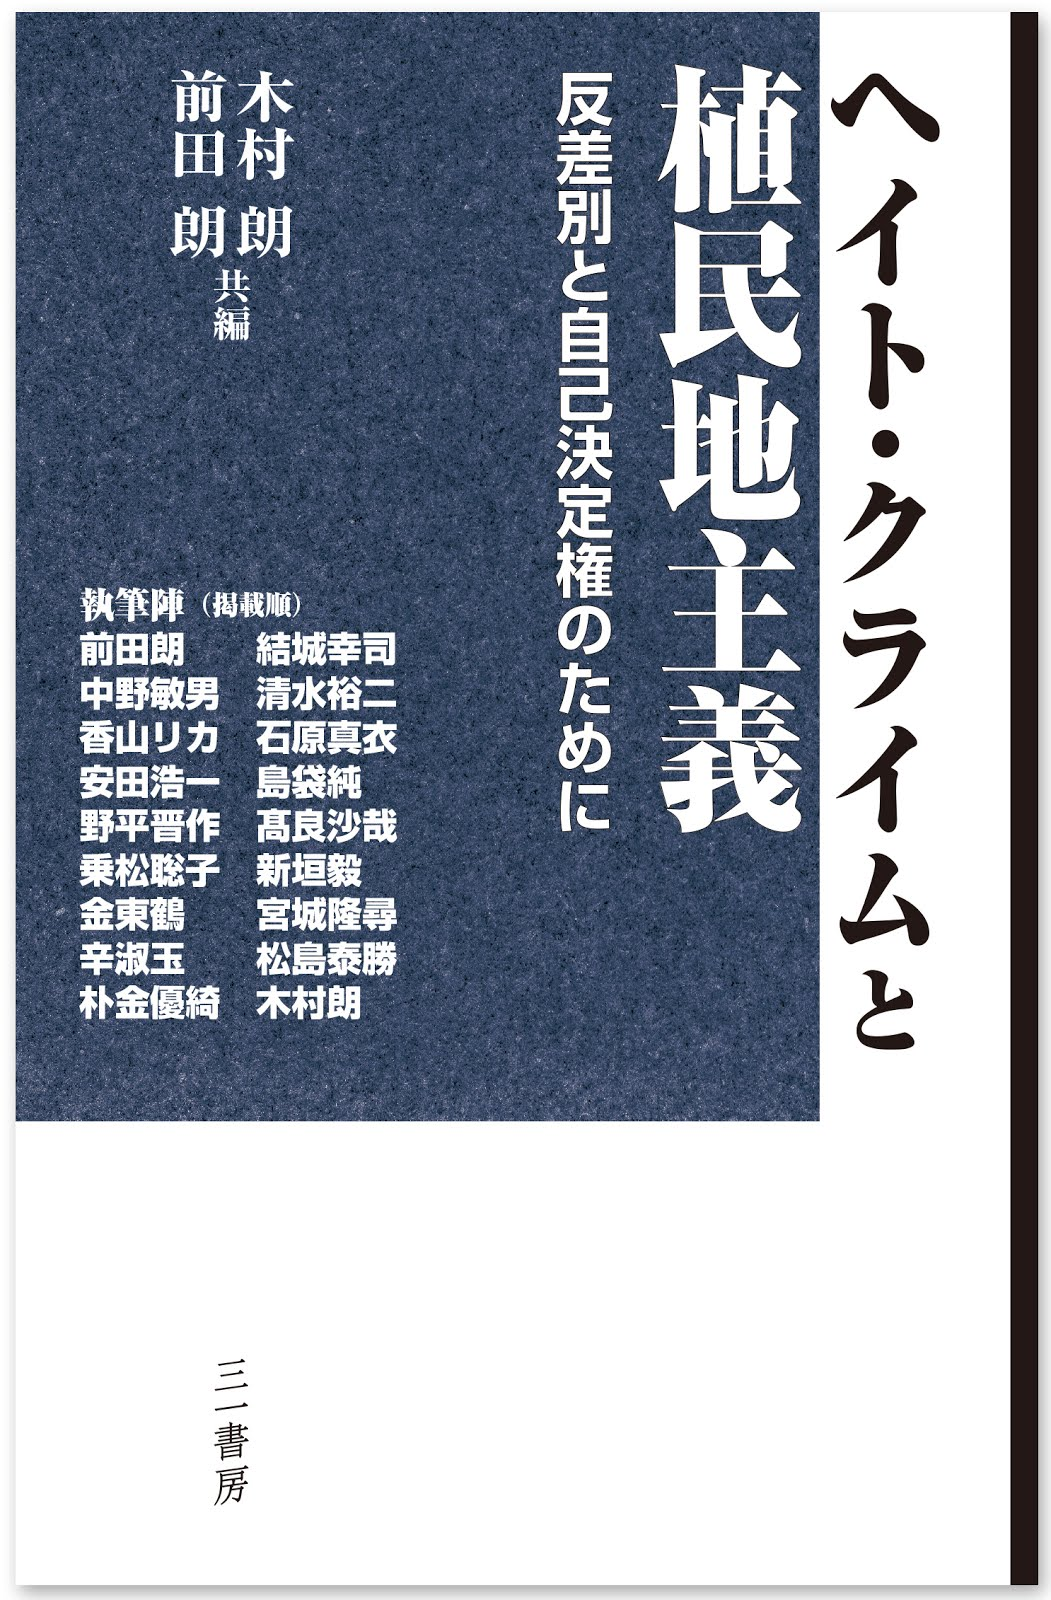 近刊案内 前田朗・木村朗編『ヘイトクライムと植民地主義』(三一書房)